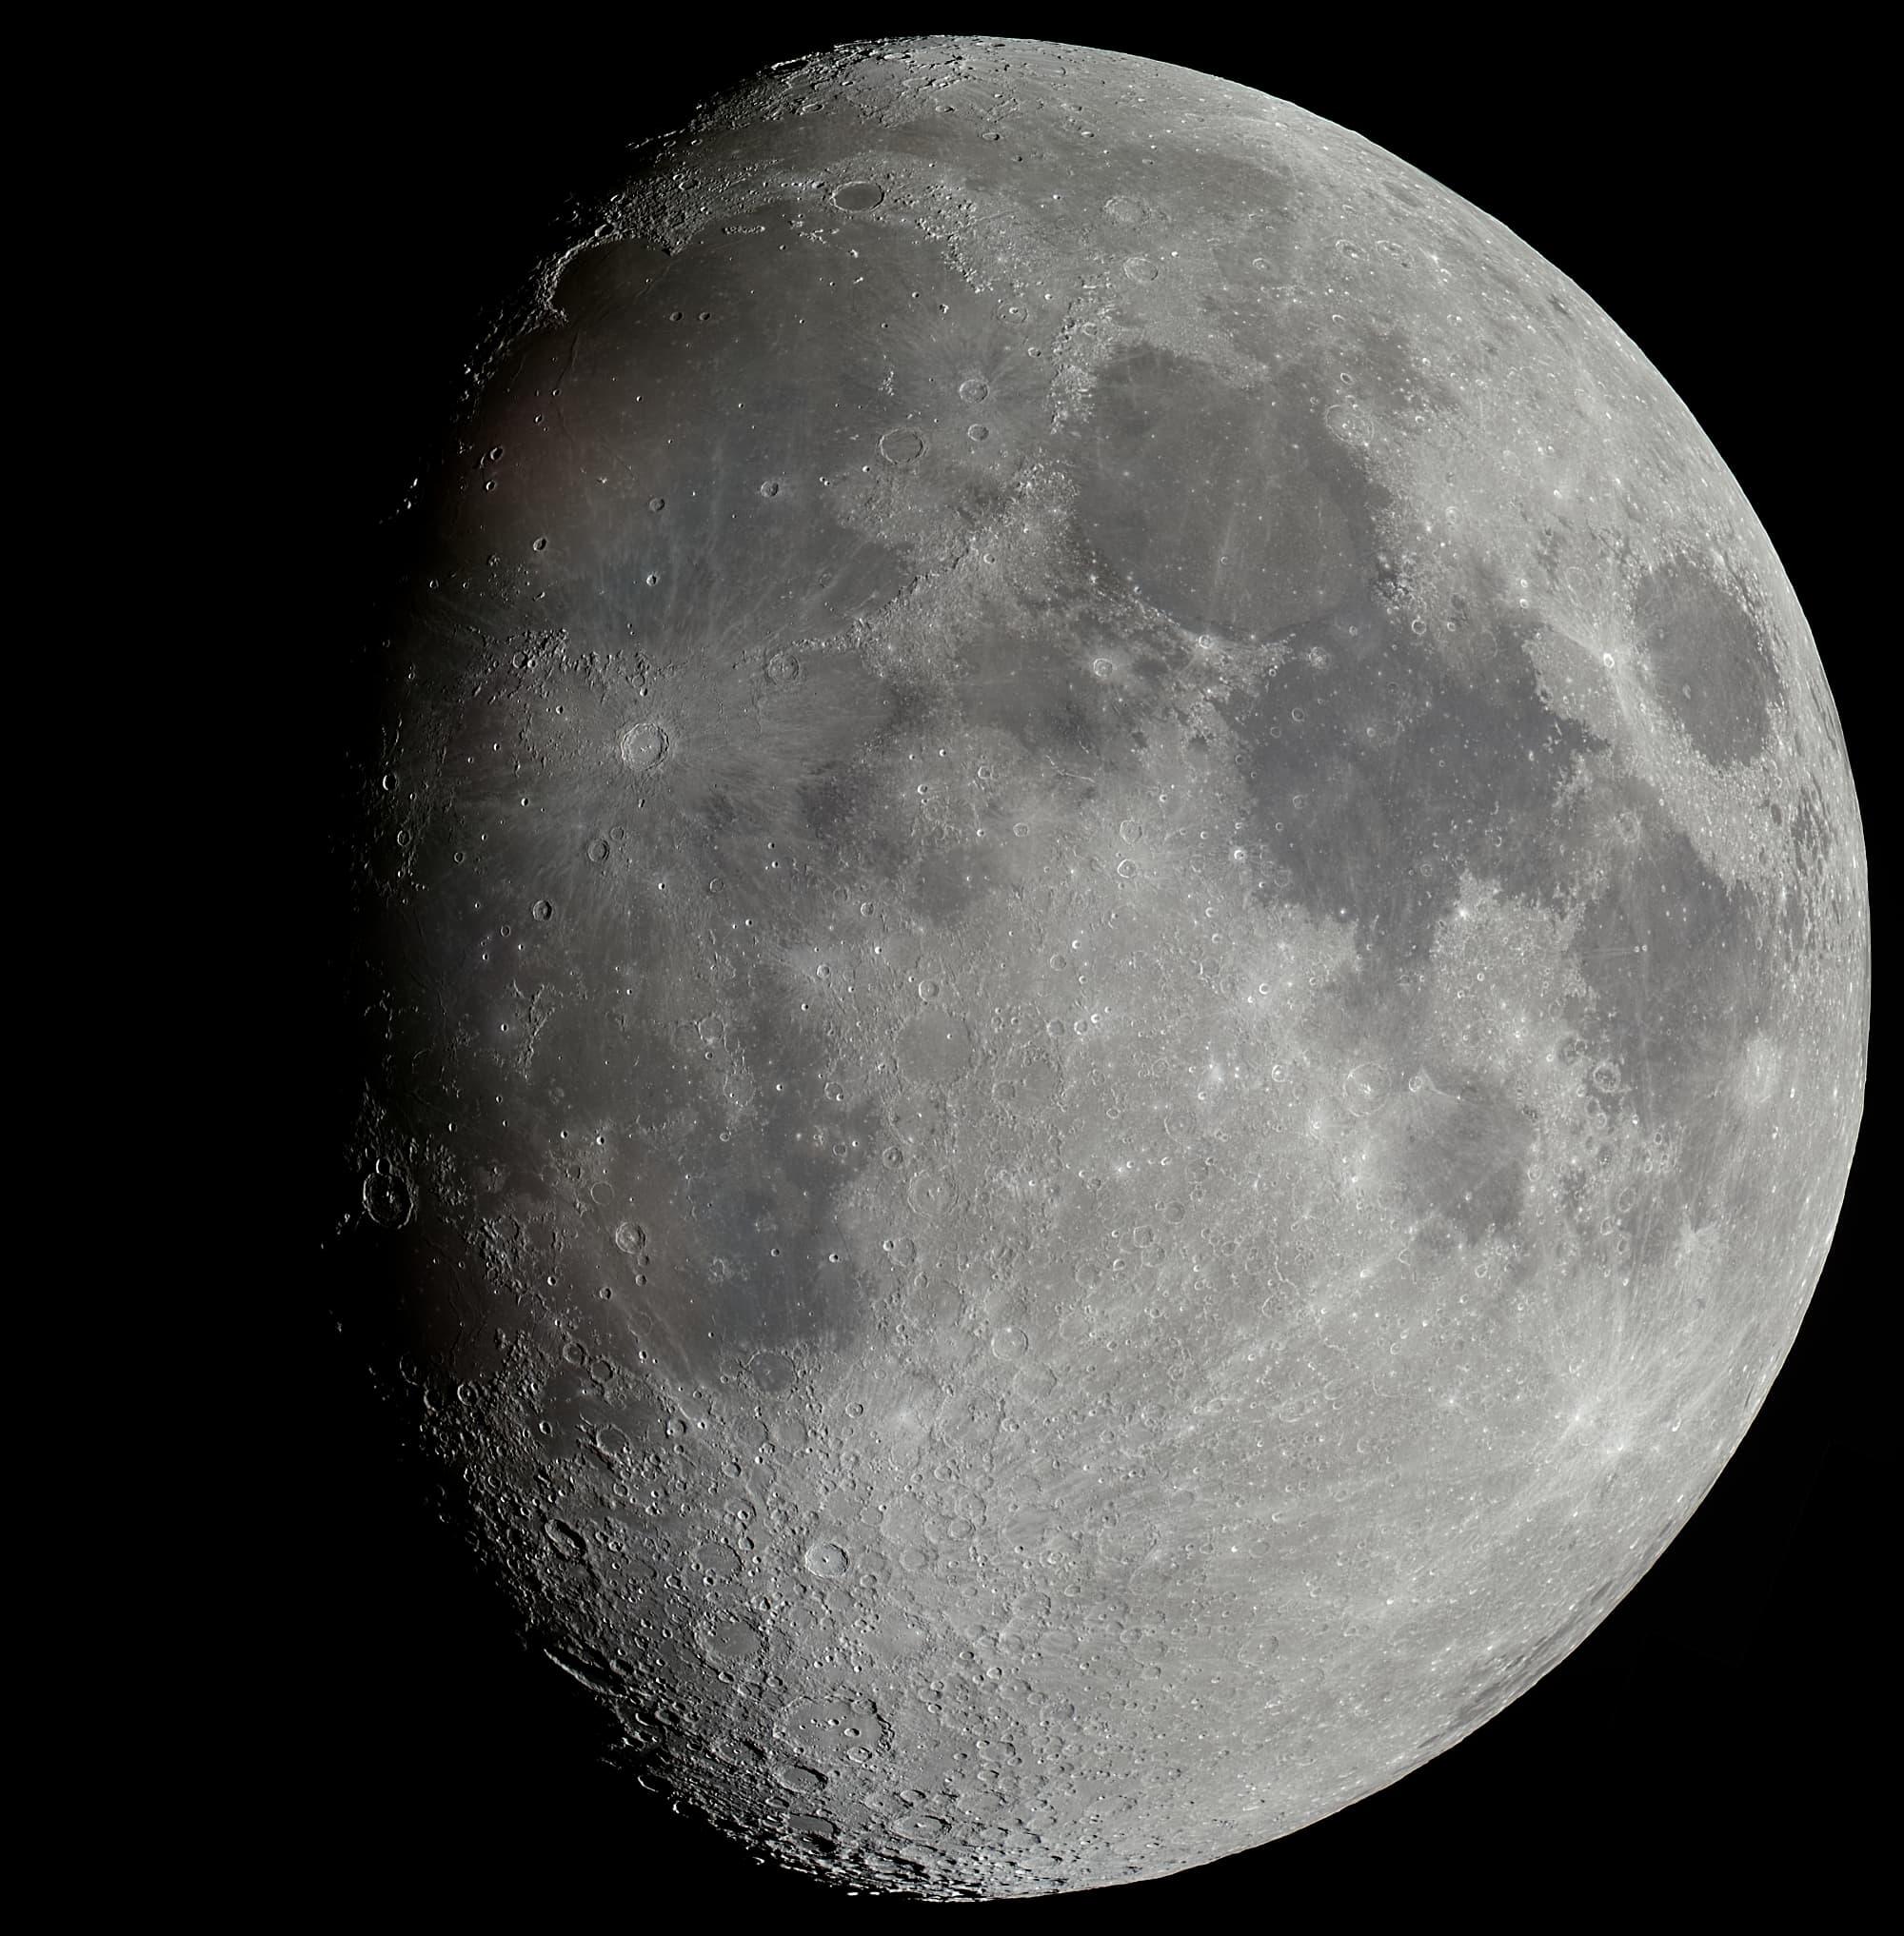 Mondpanorama aus 27 Einzelaufnahmen